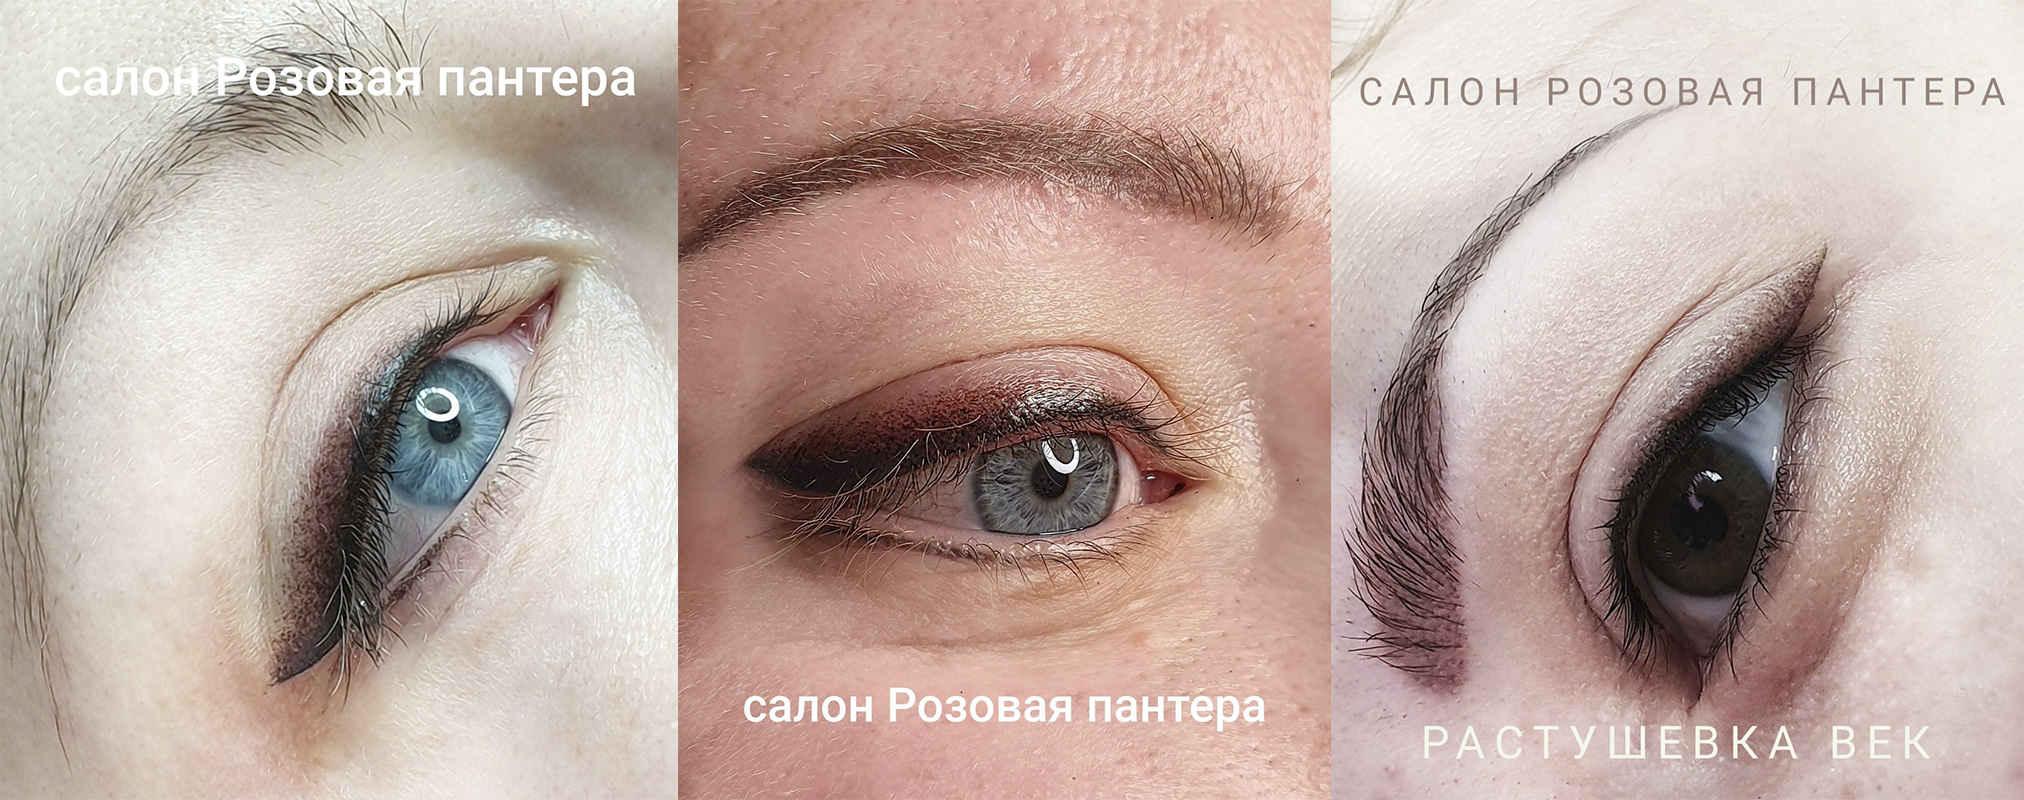 Юбучение перманентному макияжу повышение практических умений и навыков Минск